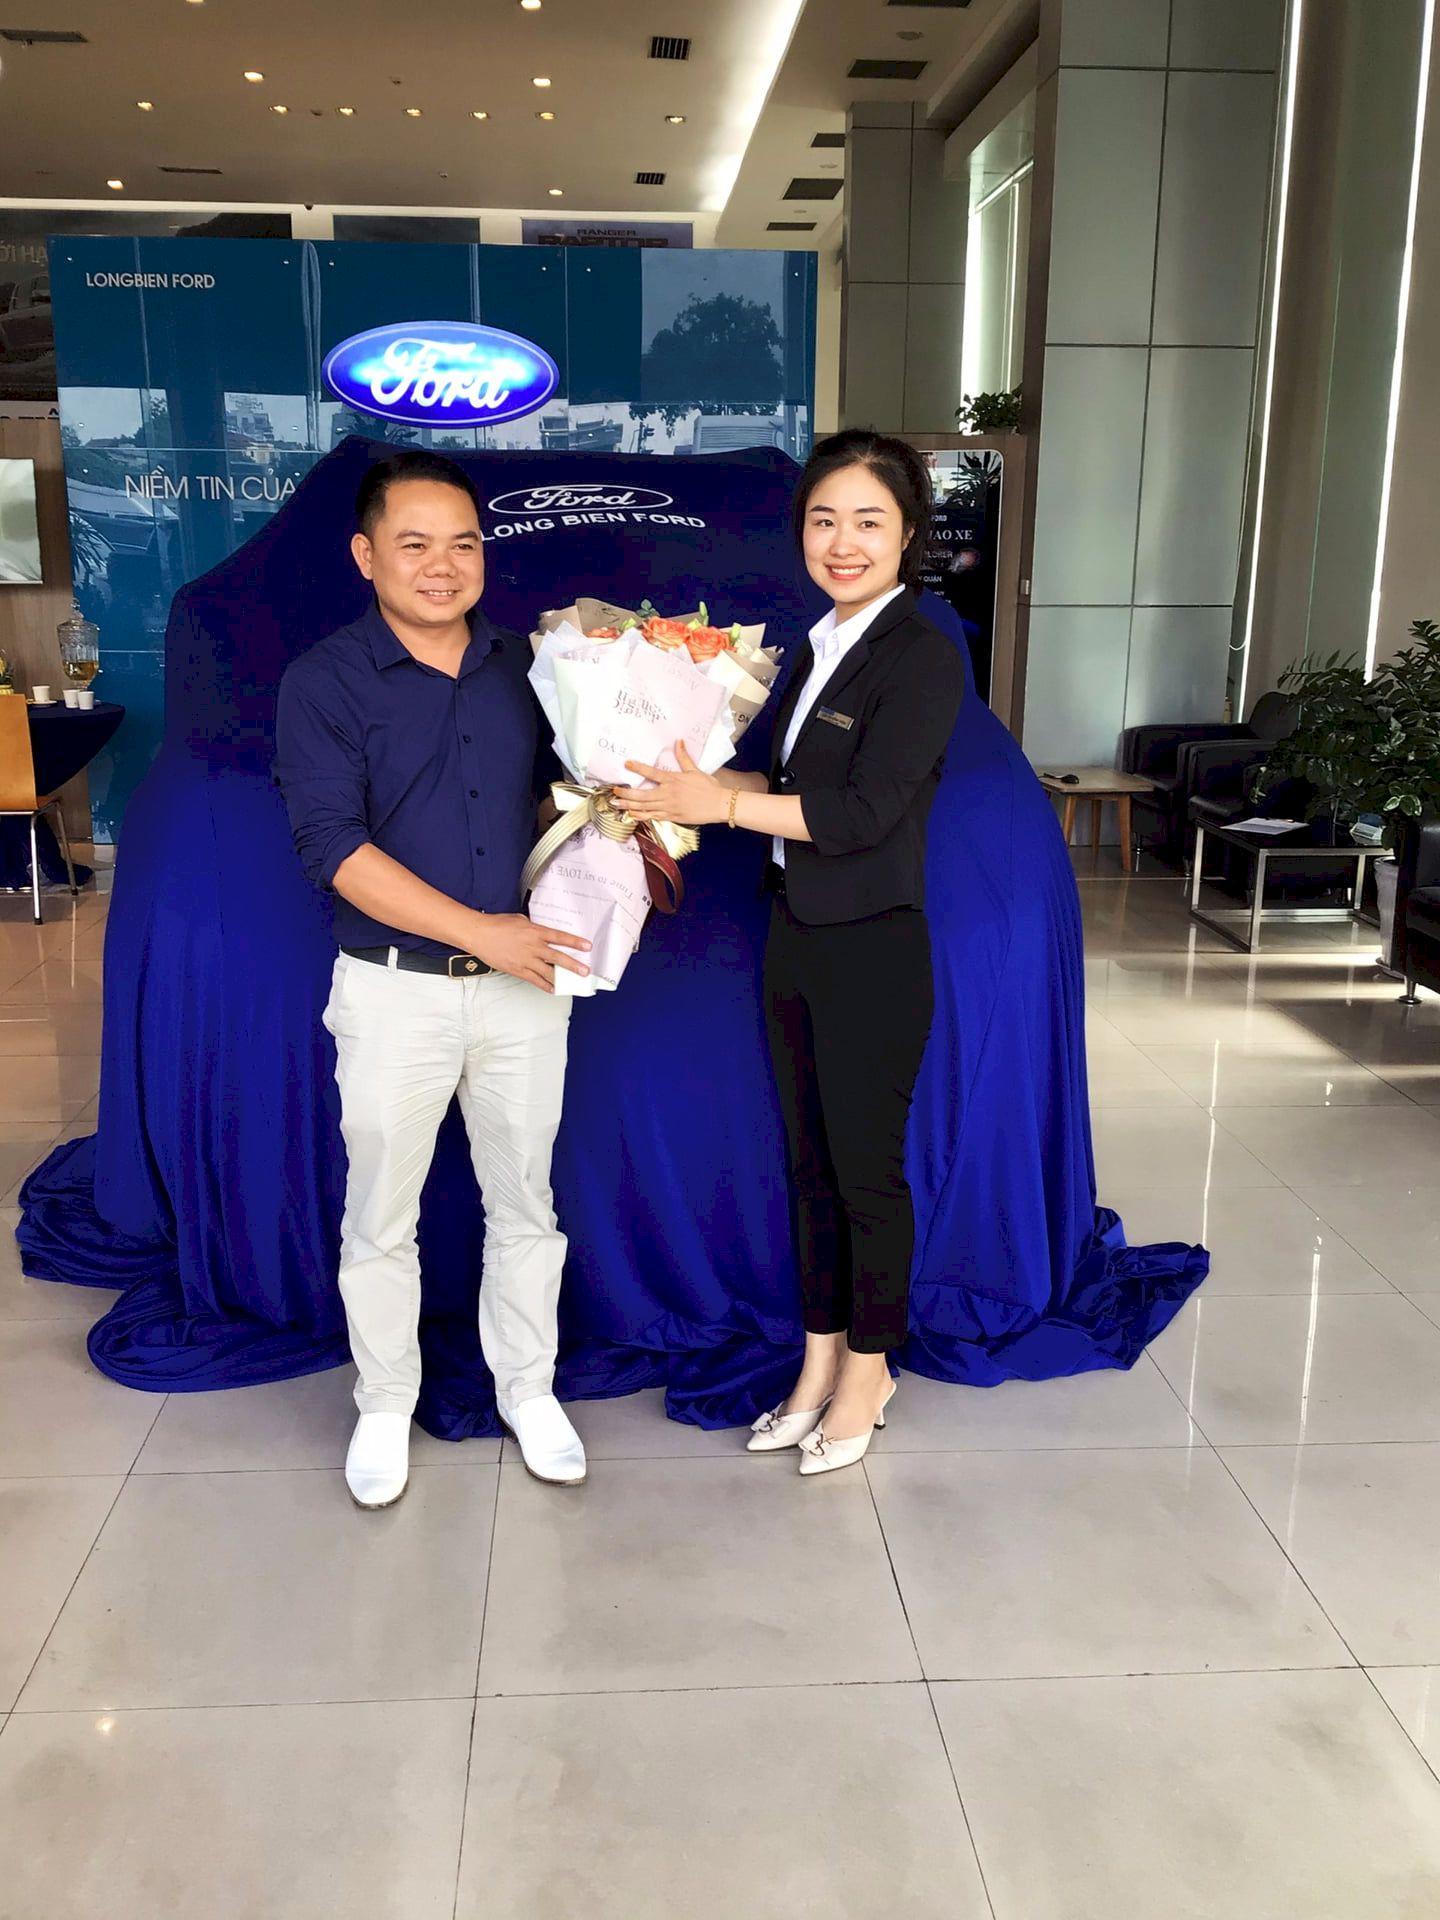 Ford Bắc Ninh tổ chức lễ bàn giao xe cho khách hàng tại Bắc Ninh năm 2021